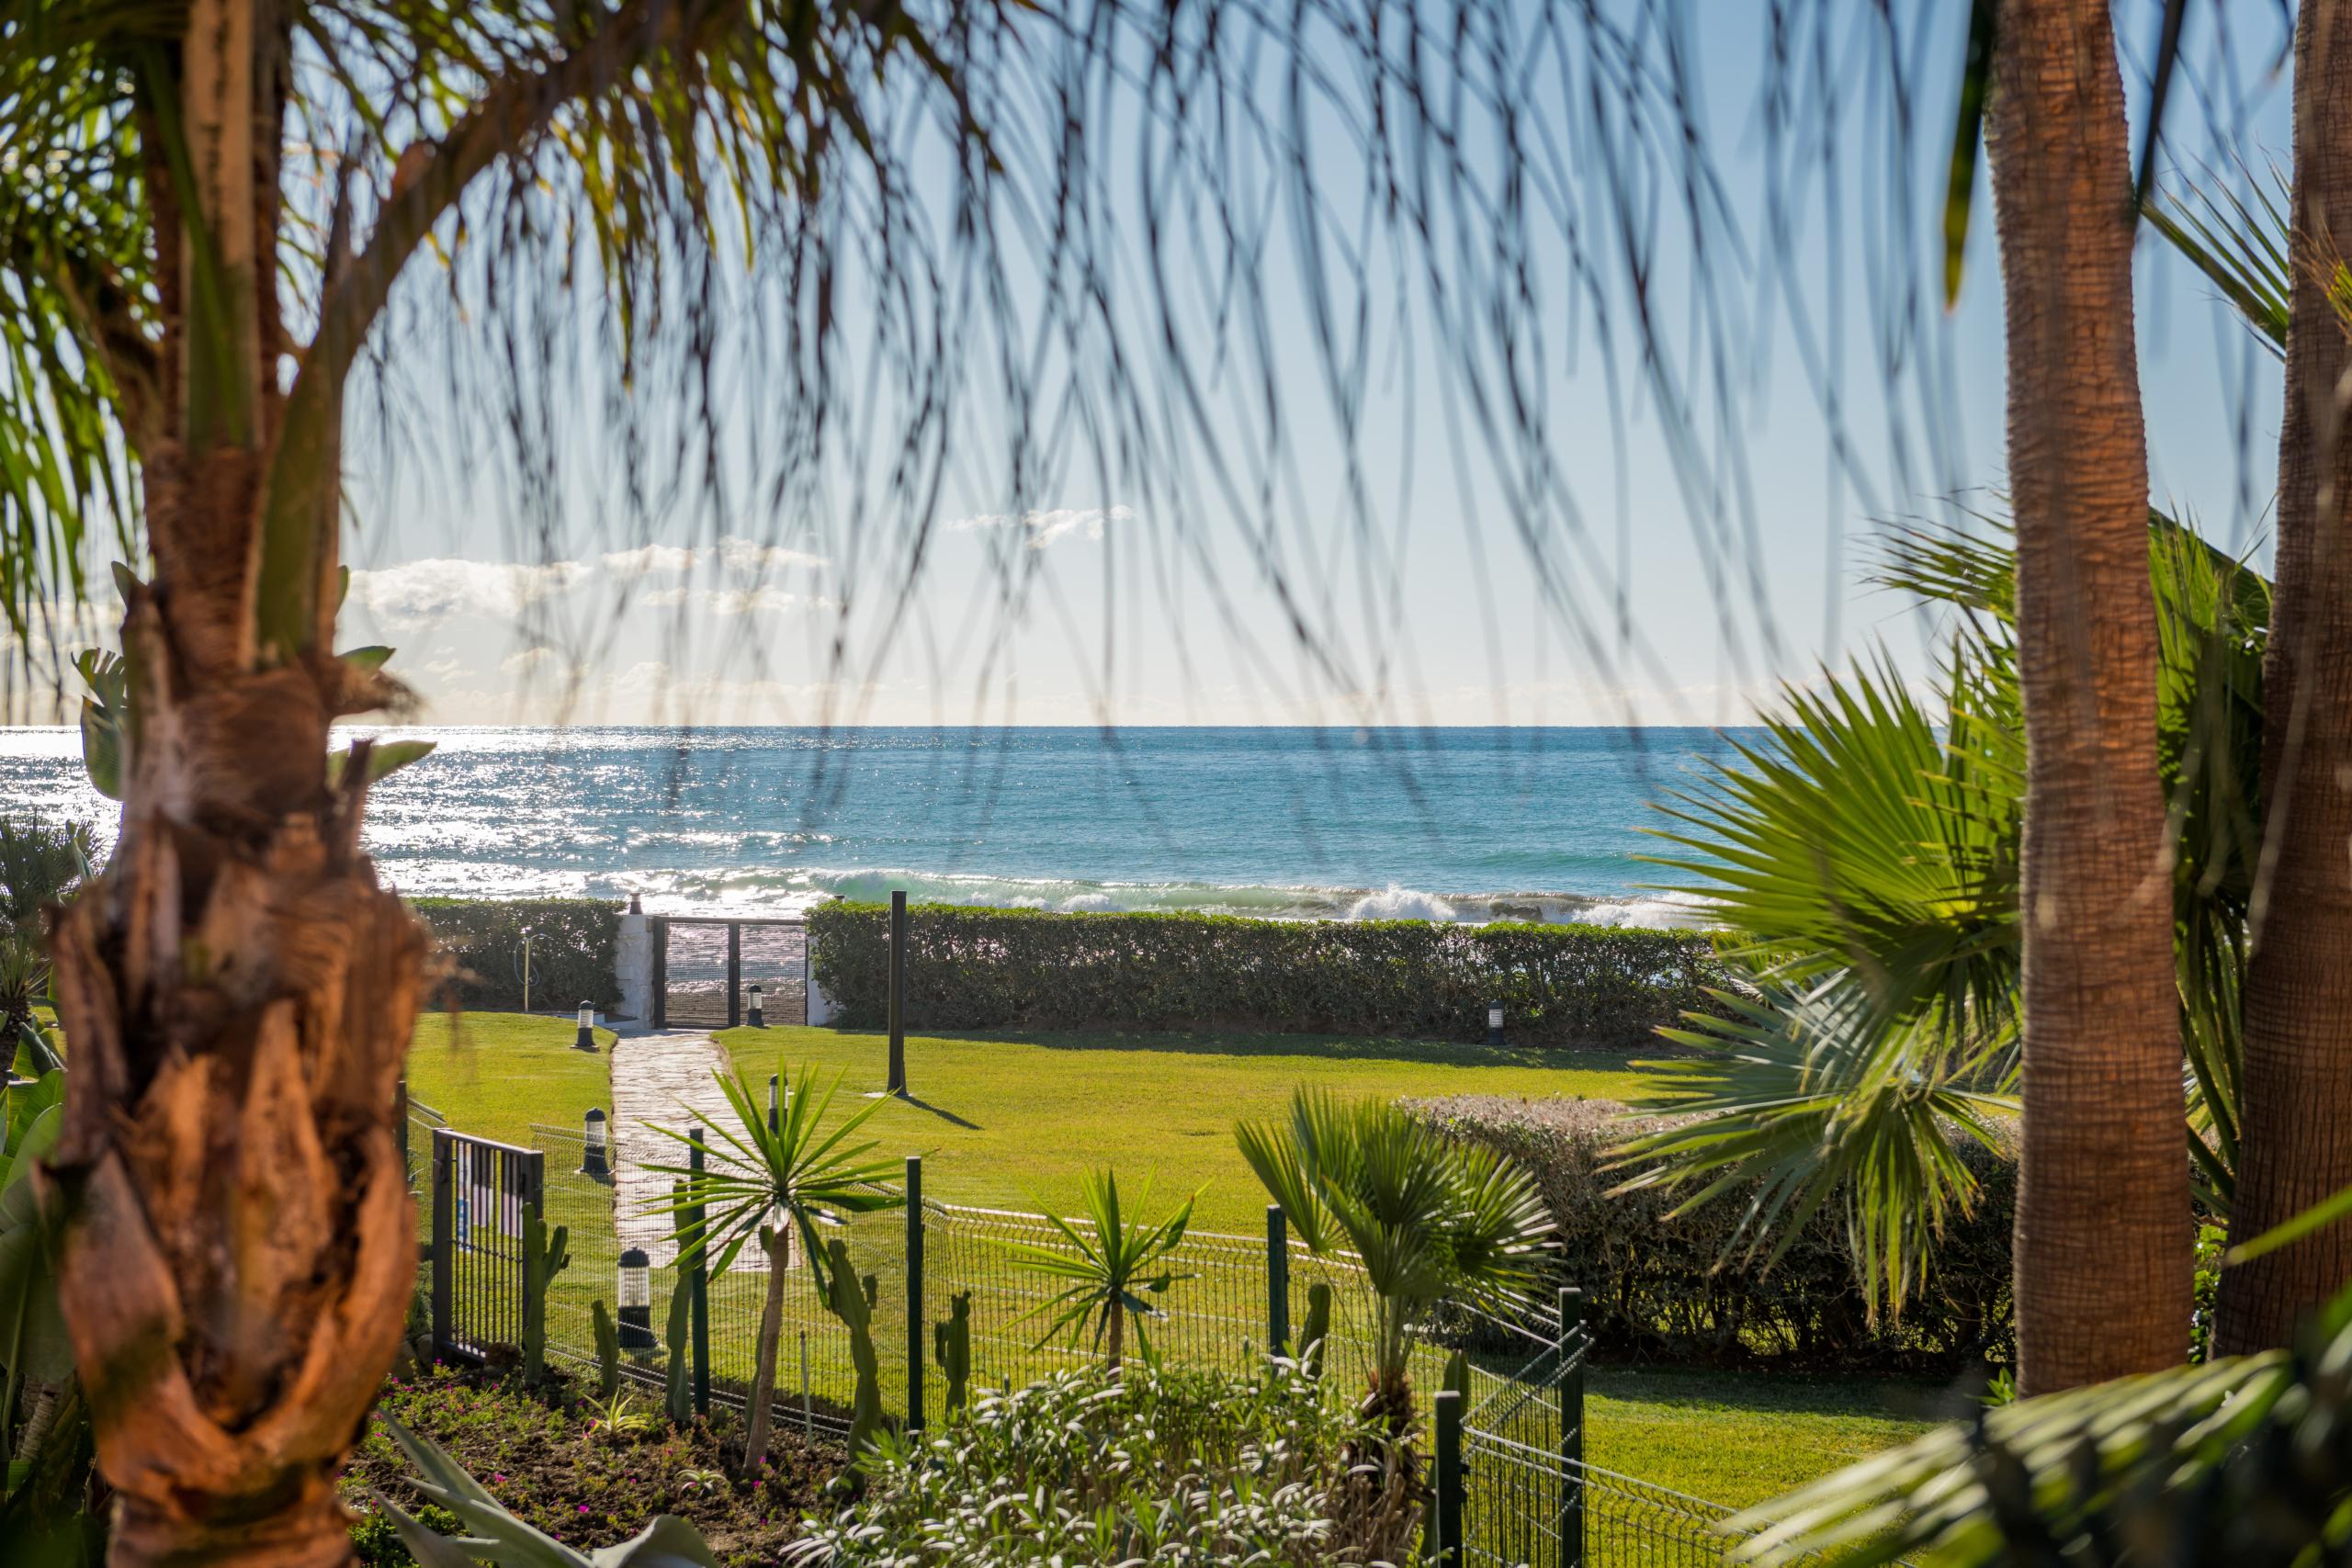 Appartement Jardin au bord de la plage - Méditerranée Marbella, Malaga